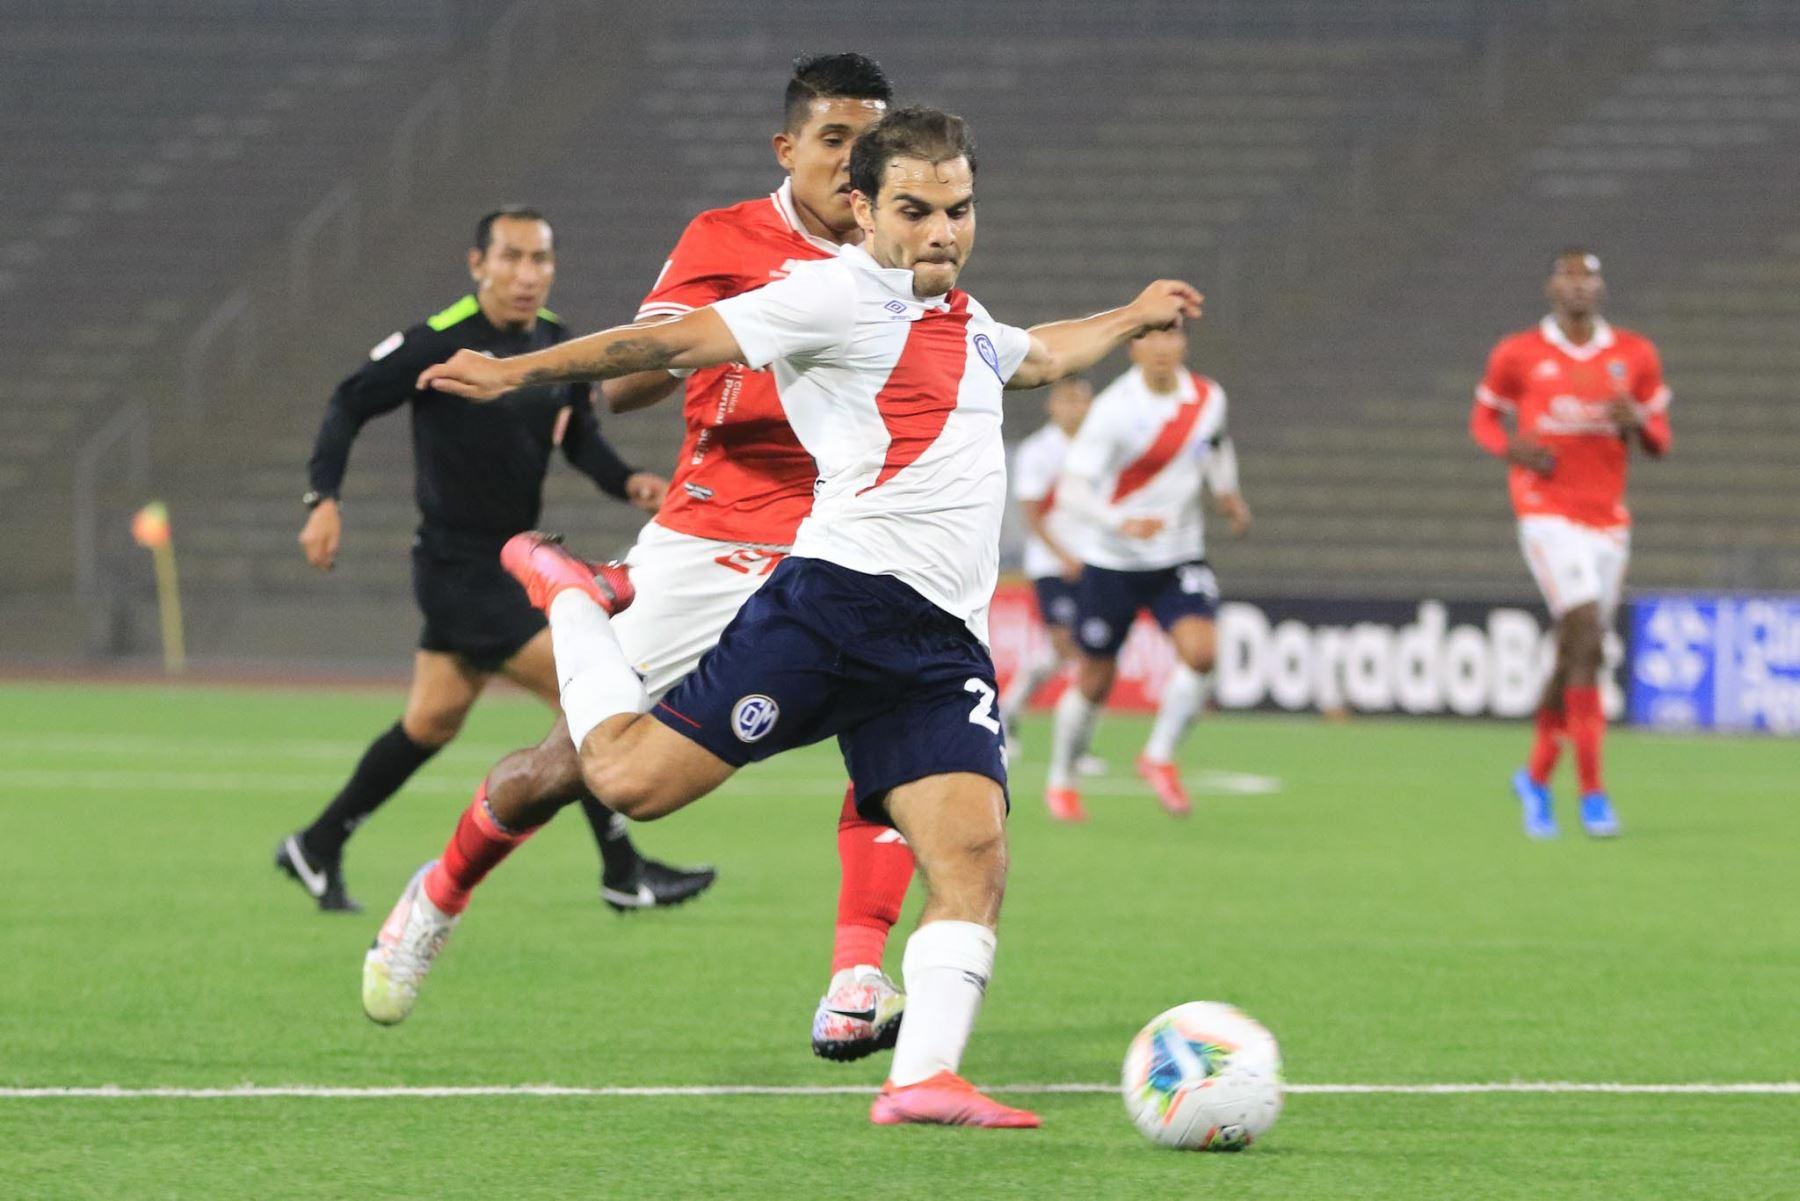 L. Cardoza del Deportivo Municipal dispara el balón ante la marca de su rival del Cienciano durante partido por la cuarta fecha de la Liga 1, en el Estadio San Marcos. Foto: Liga 1